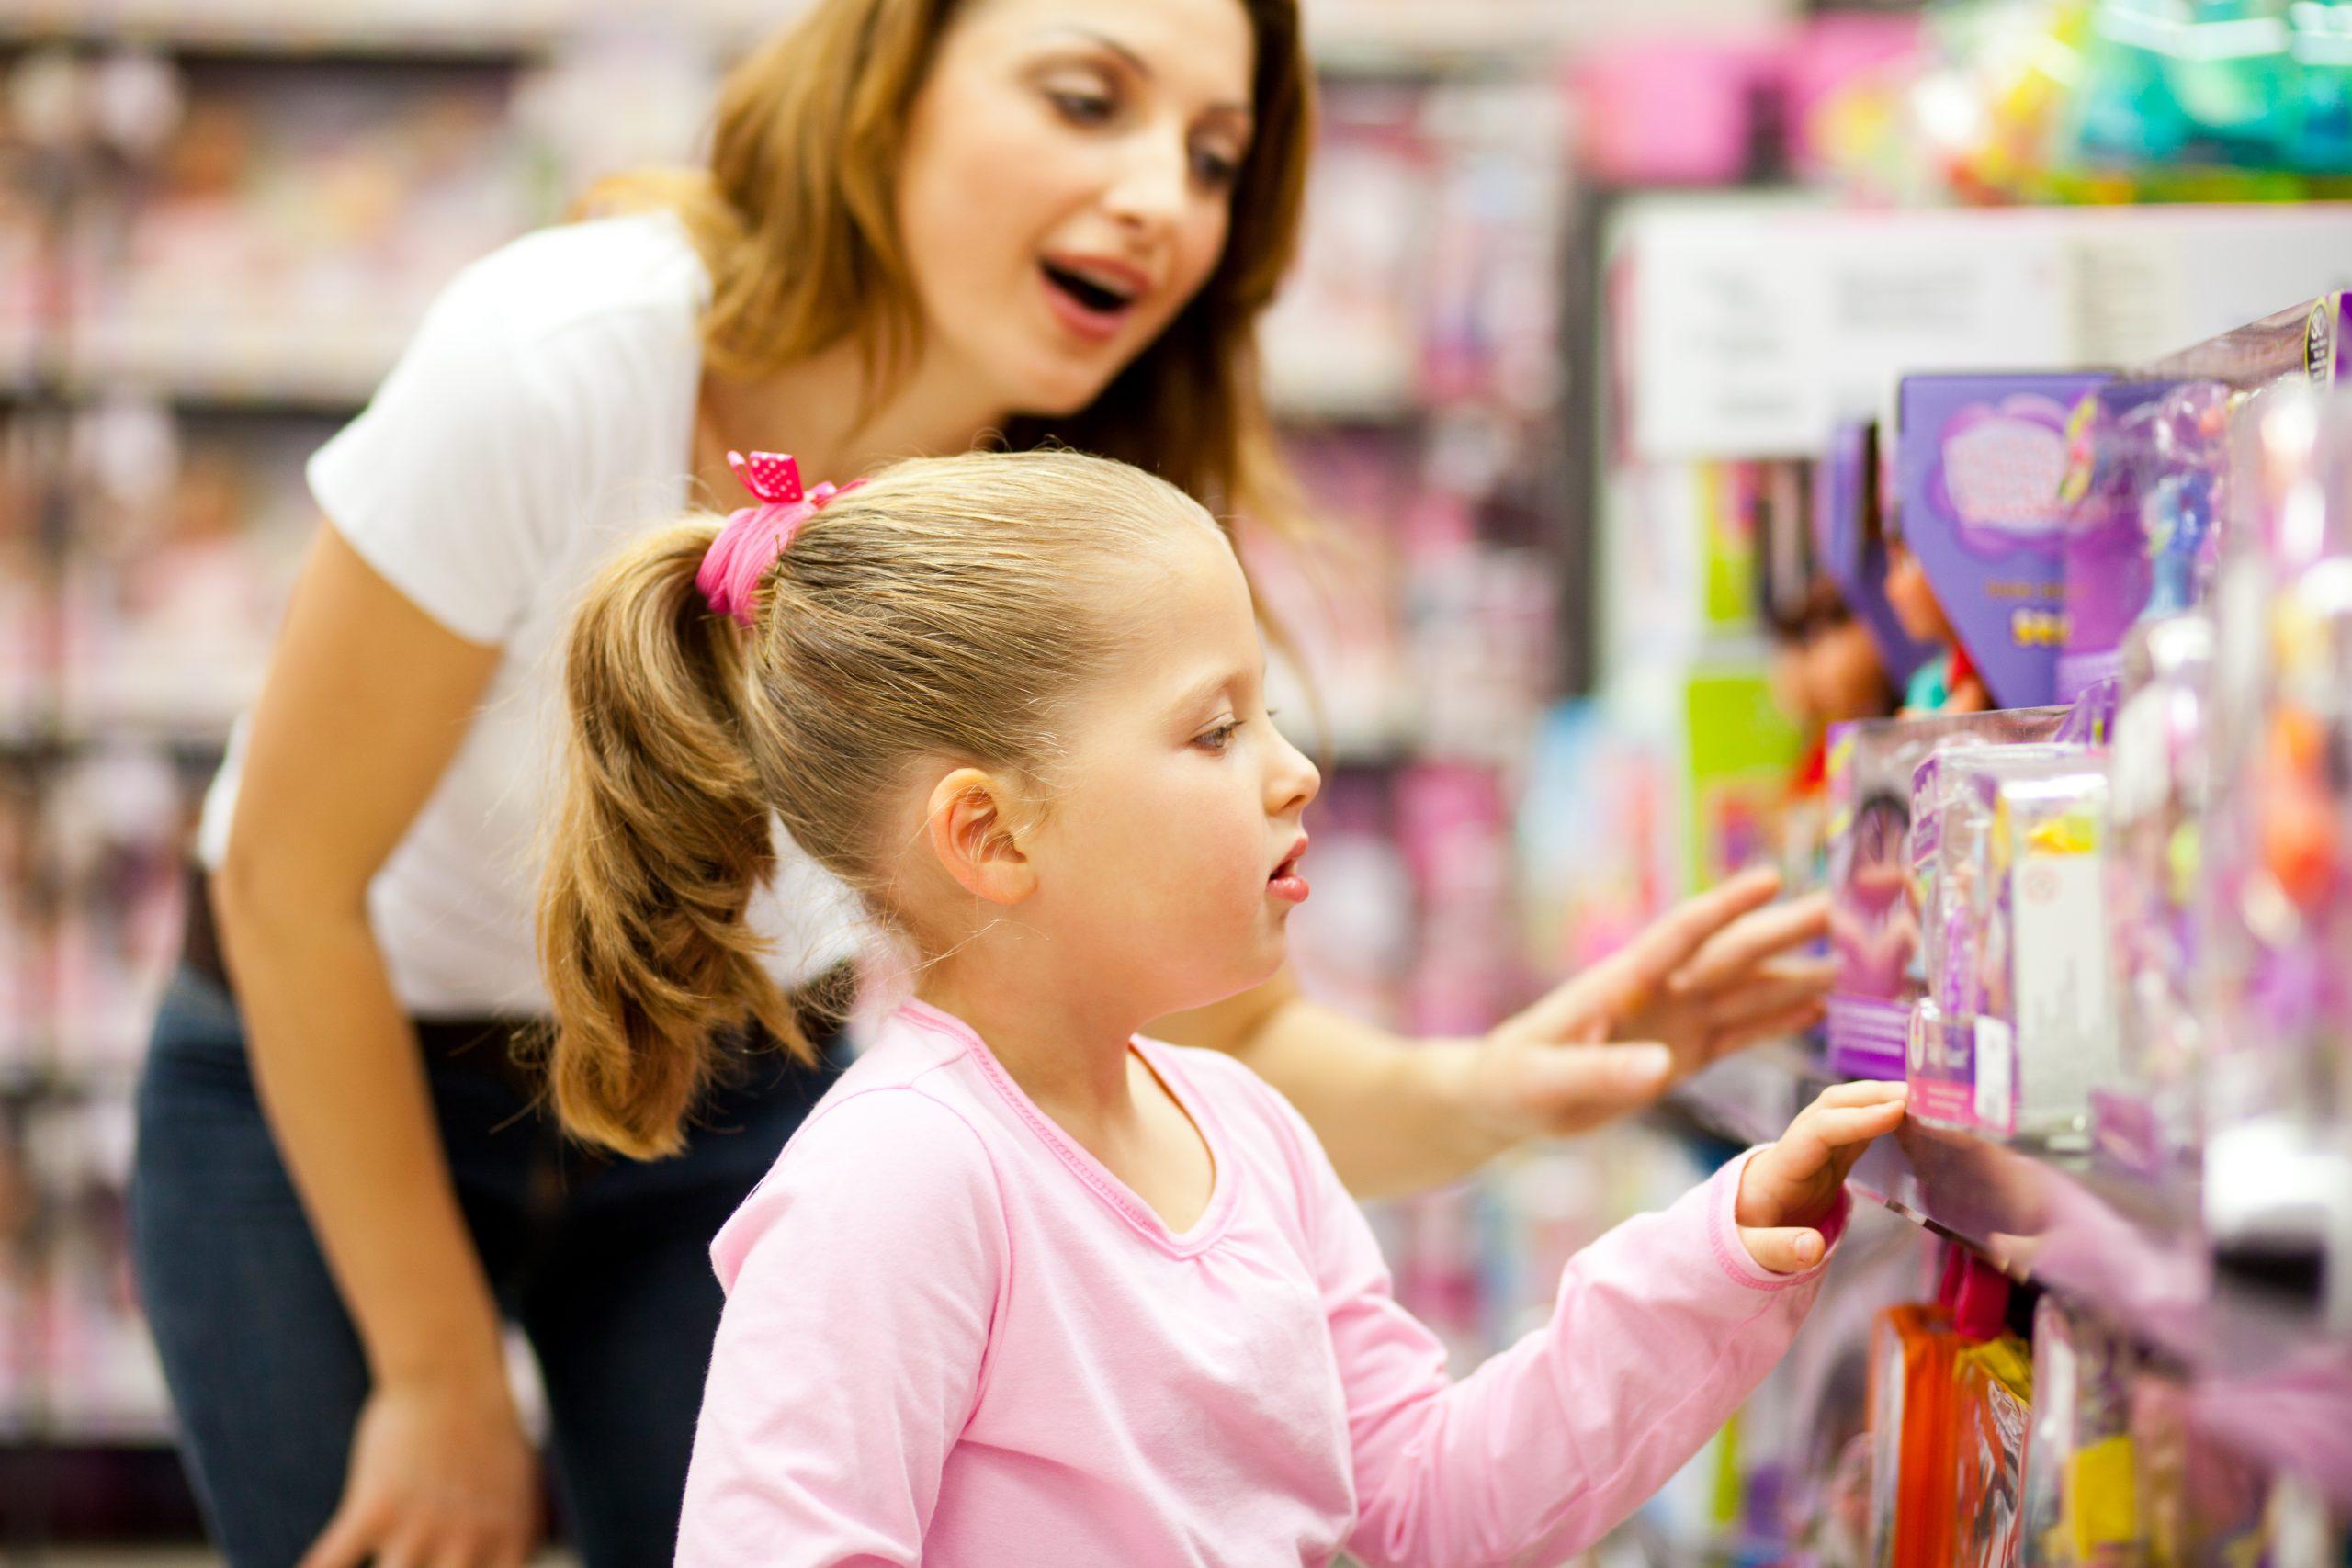 20 самых популярных игрушек для девочек в 2021 году